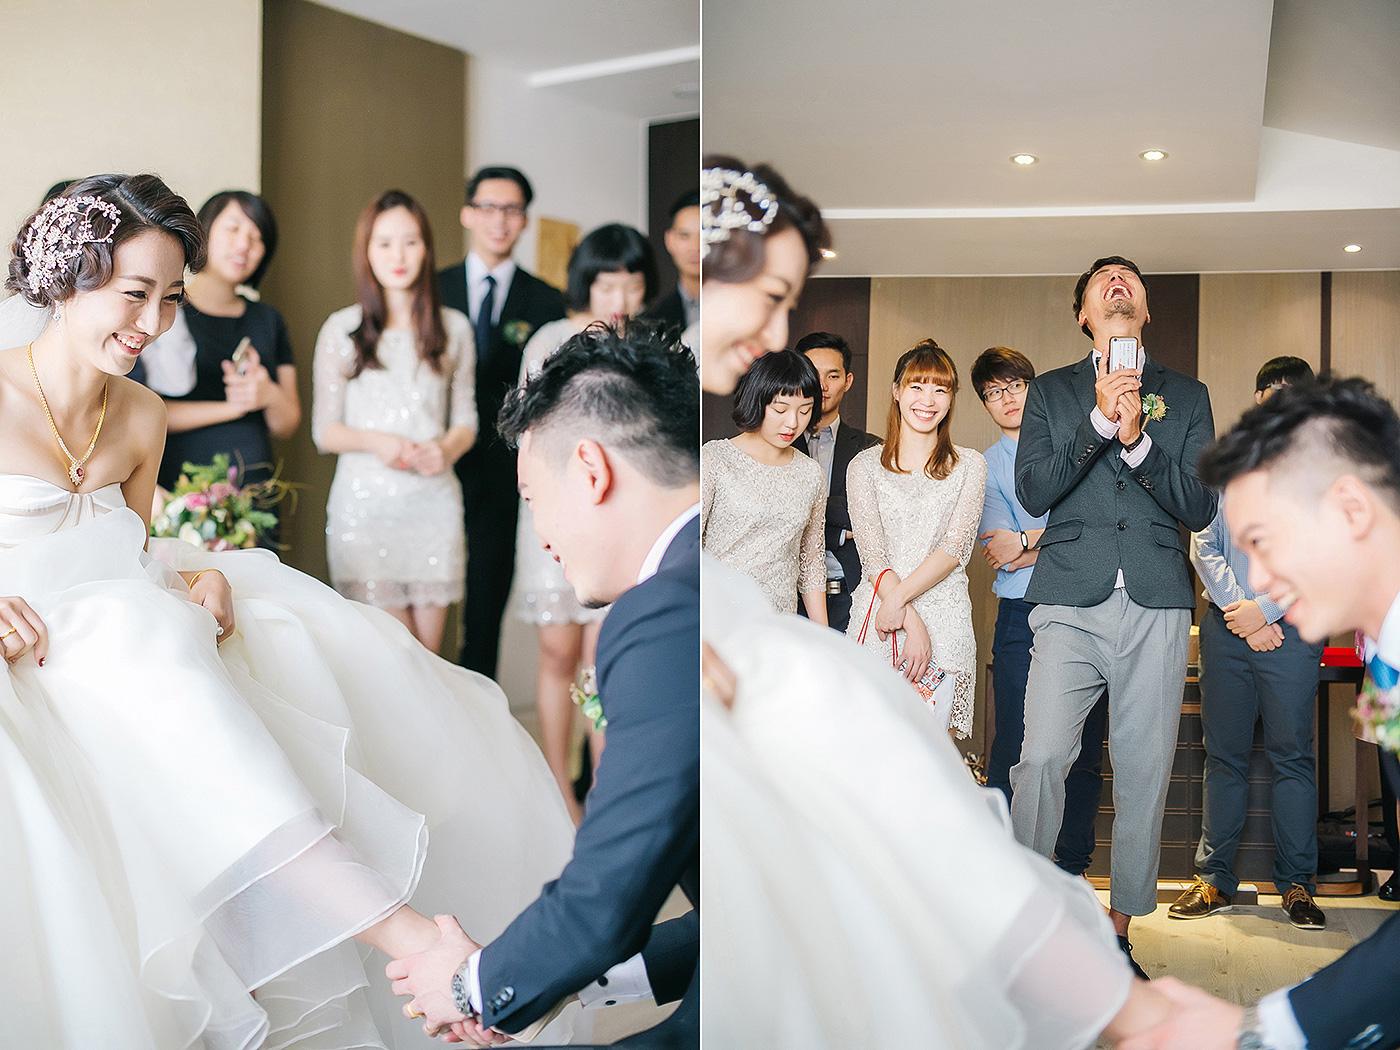 nickchang_wedding_finart-20